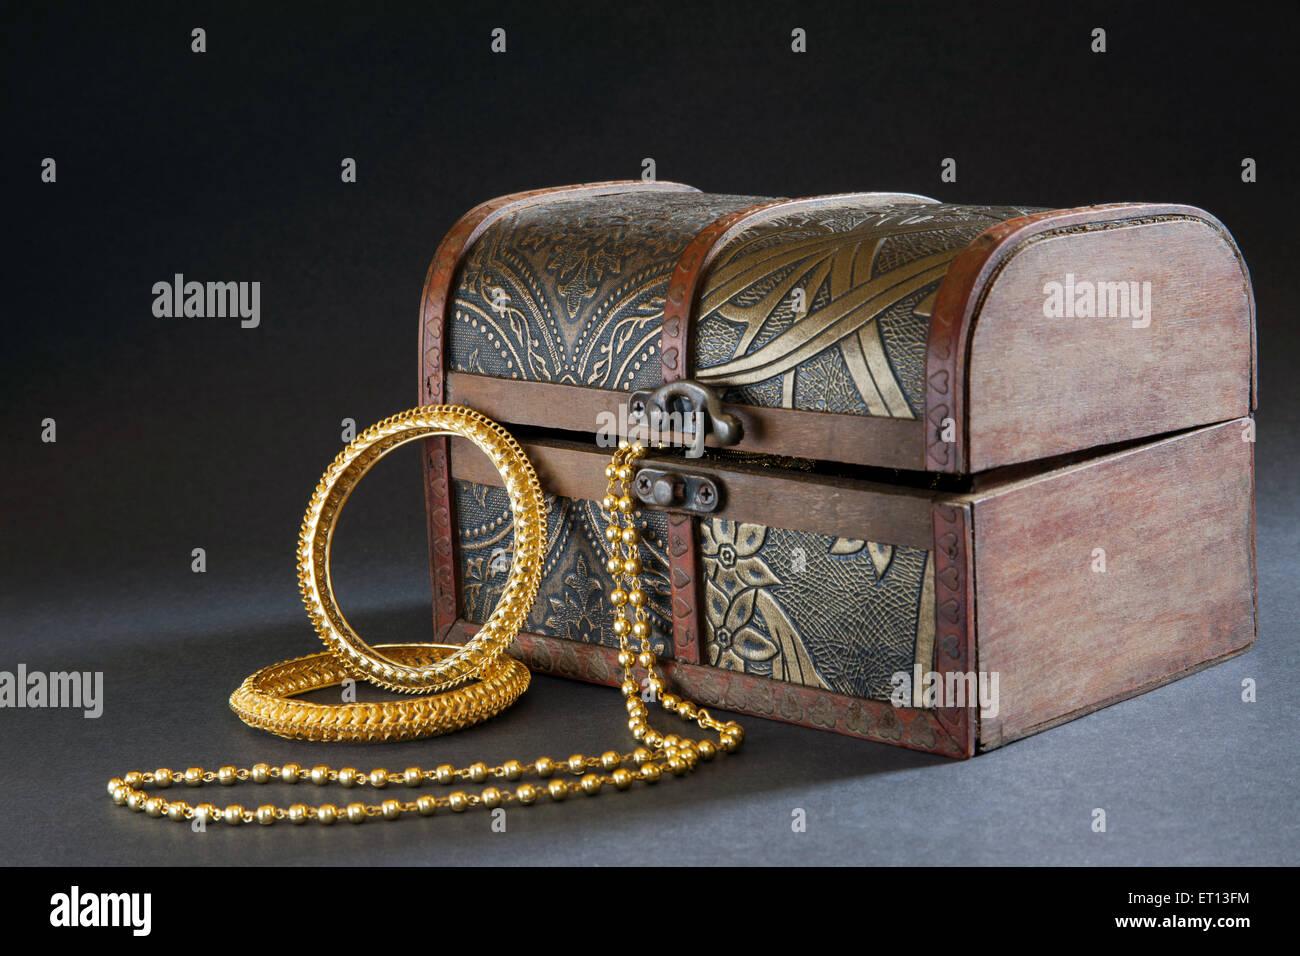 Halskette aus holz stockfotos & halskette aus holz bilder alamy